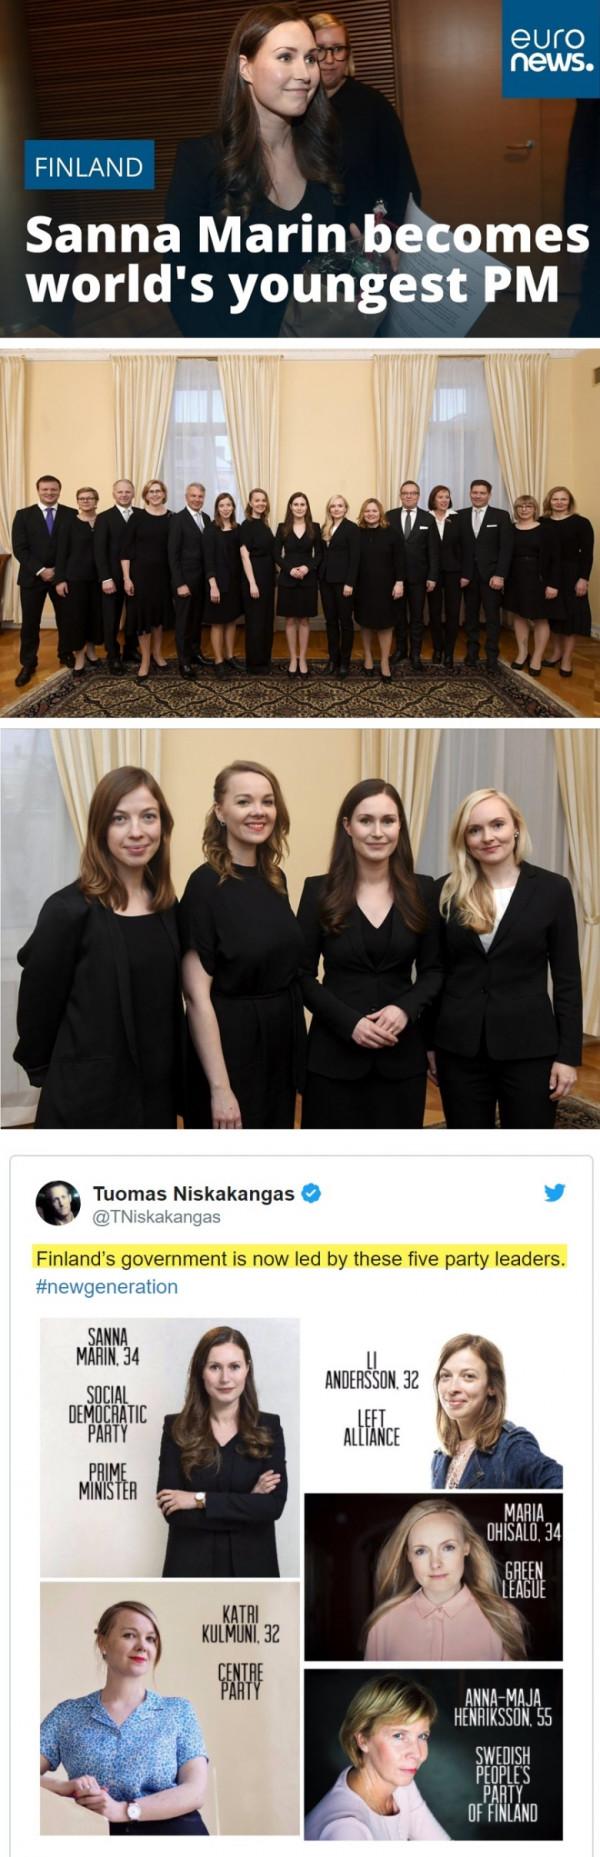 핀란드의 34세 새 여성 총리, 내각 amp; 연립정권 정당대표들.jpg 사진